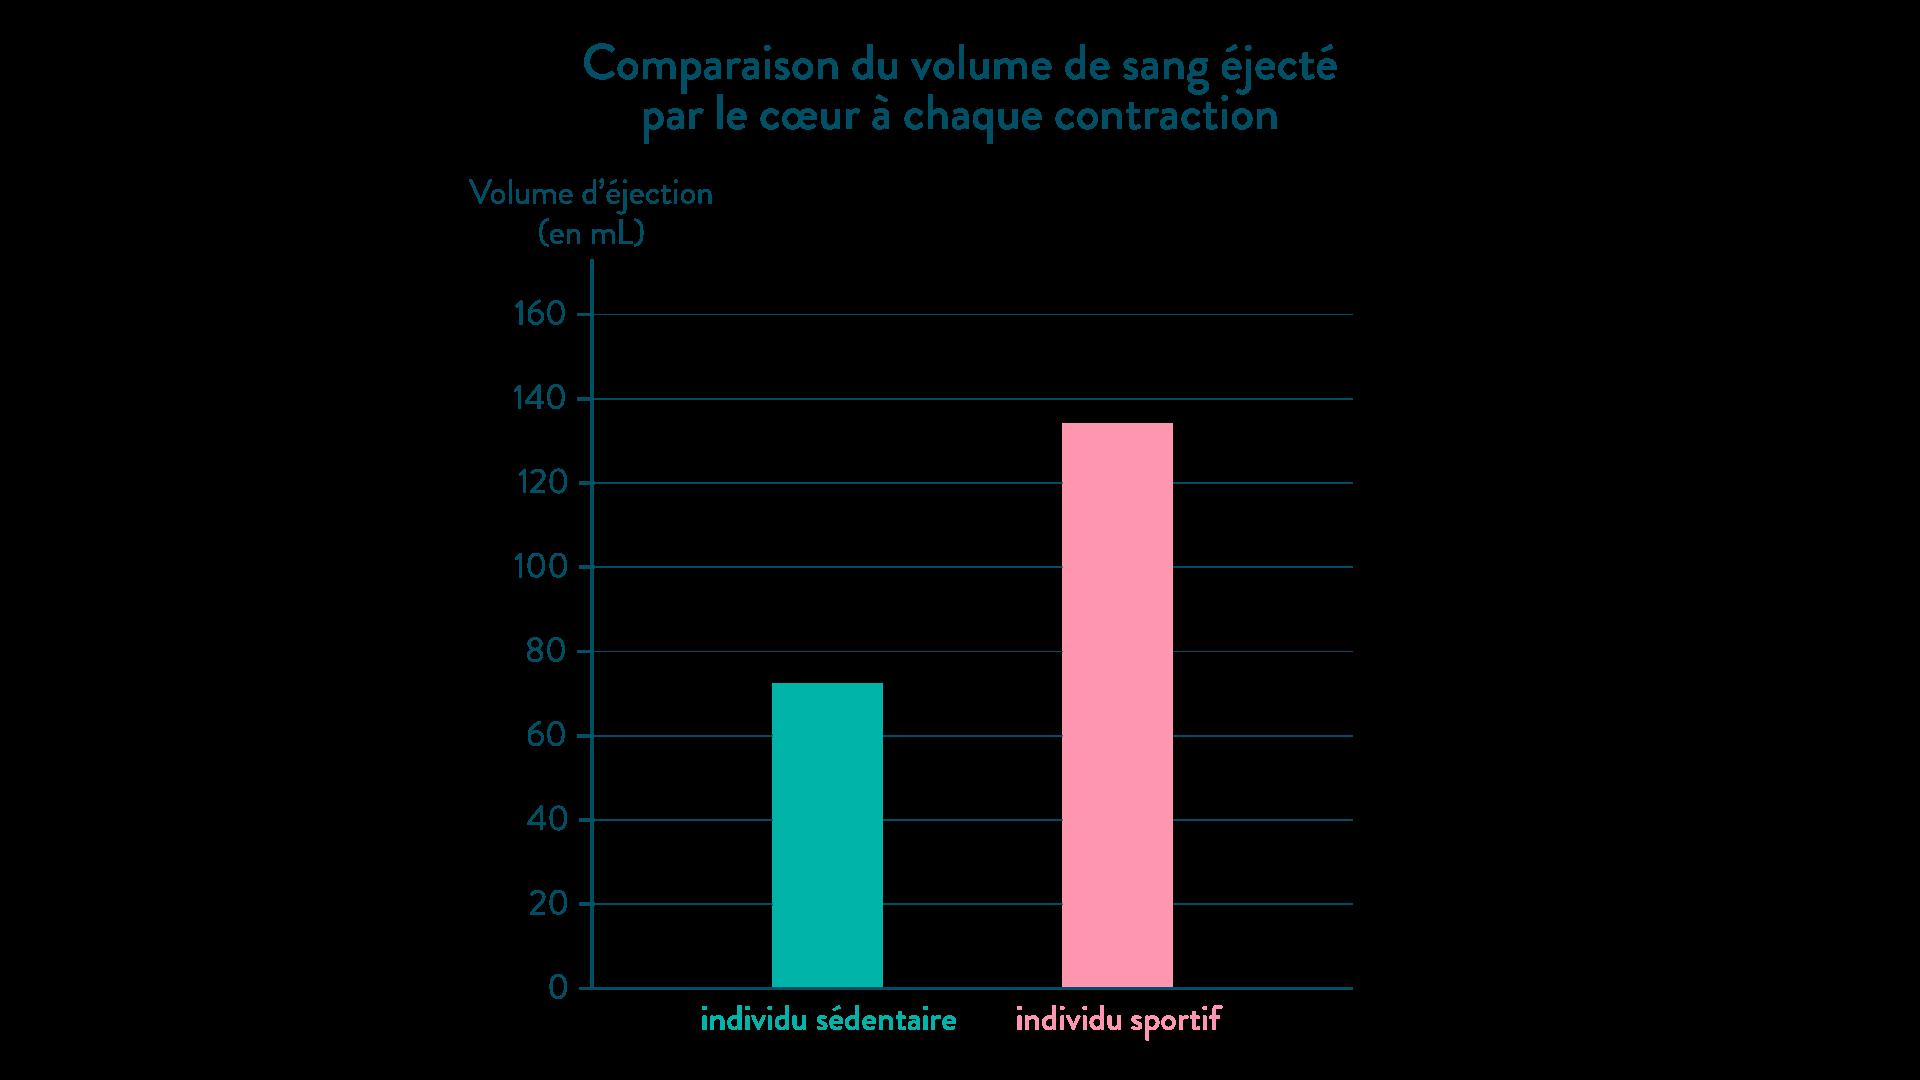 Graphique comparant le volume de sang éjecté par le cœur à chaque contraction, entre un sportif et un sédentaire